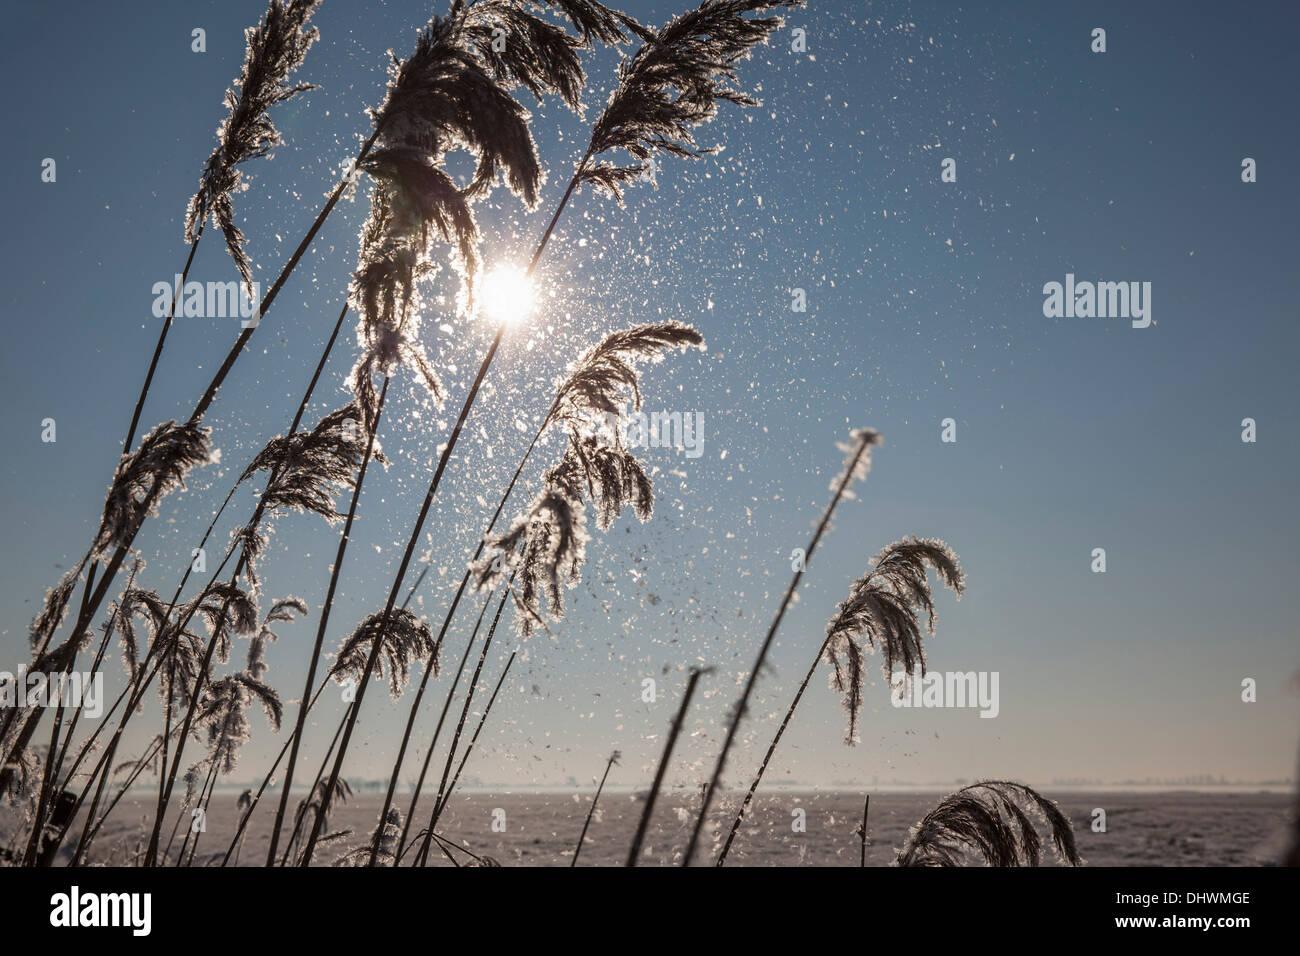 Pays-bas, Zegveld, des cristaux de glace sur reed plume. des saules. L'hiver Photo Stock